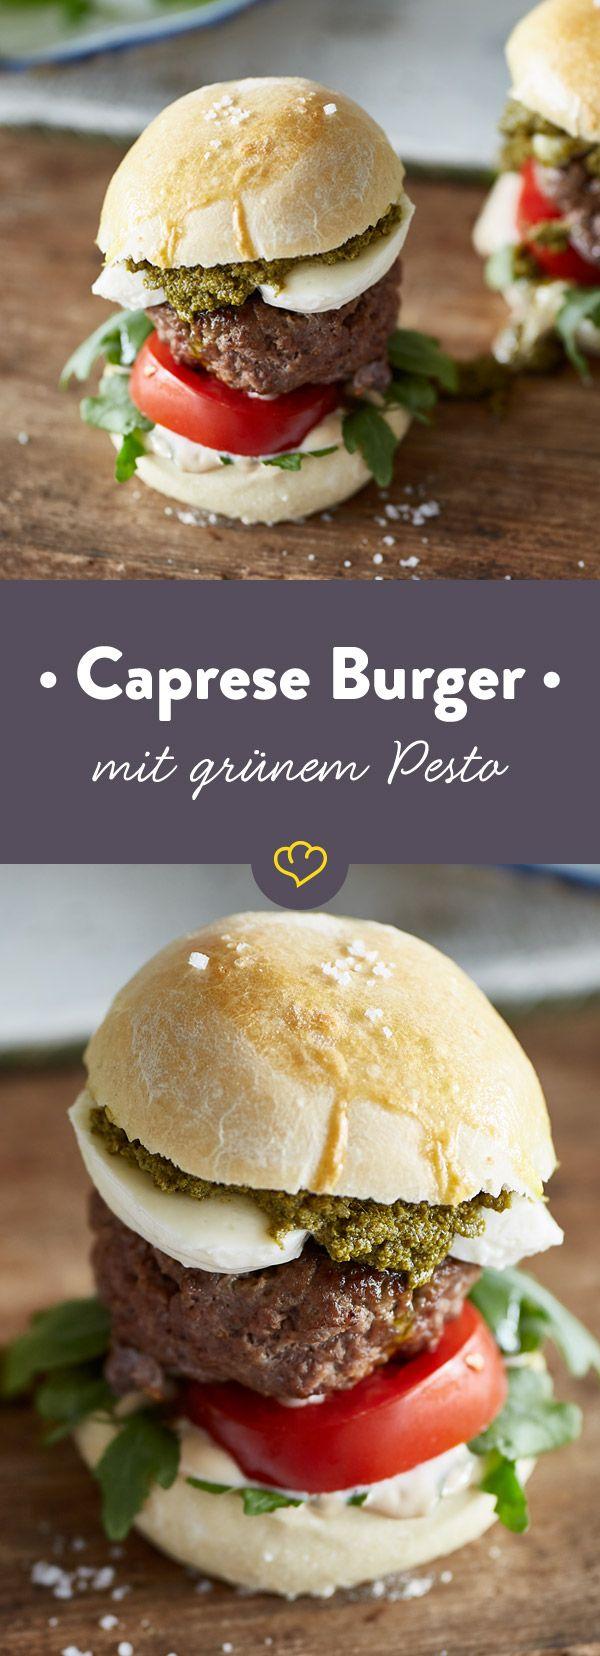 Pack dir Italien auf den Burger: Zwischen fluffigen Foccacia-Bunhälften stapeln sich das saftige Patty, Pesto, Mozzarella, Tomaten und Rucola.